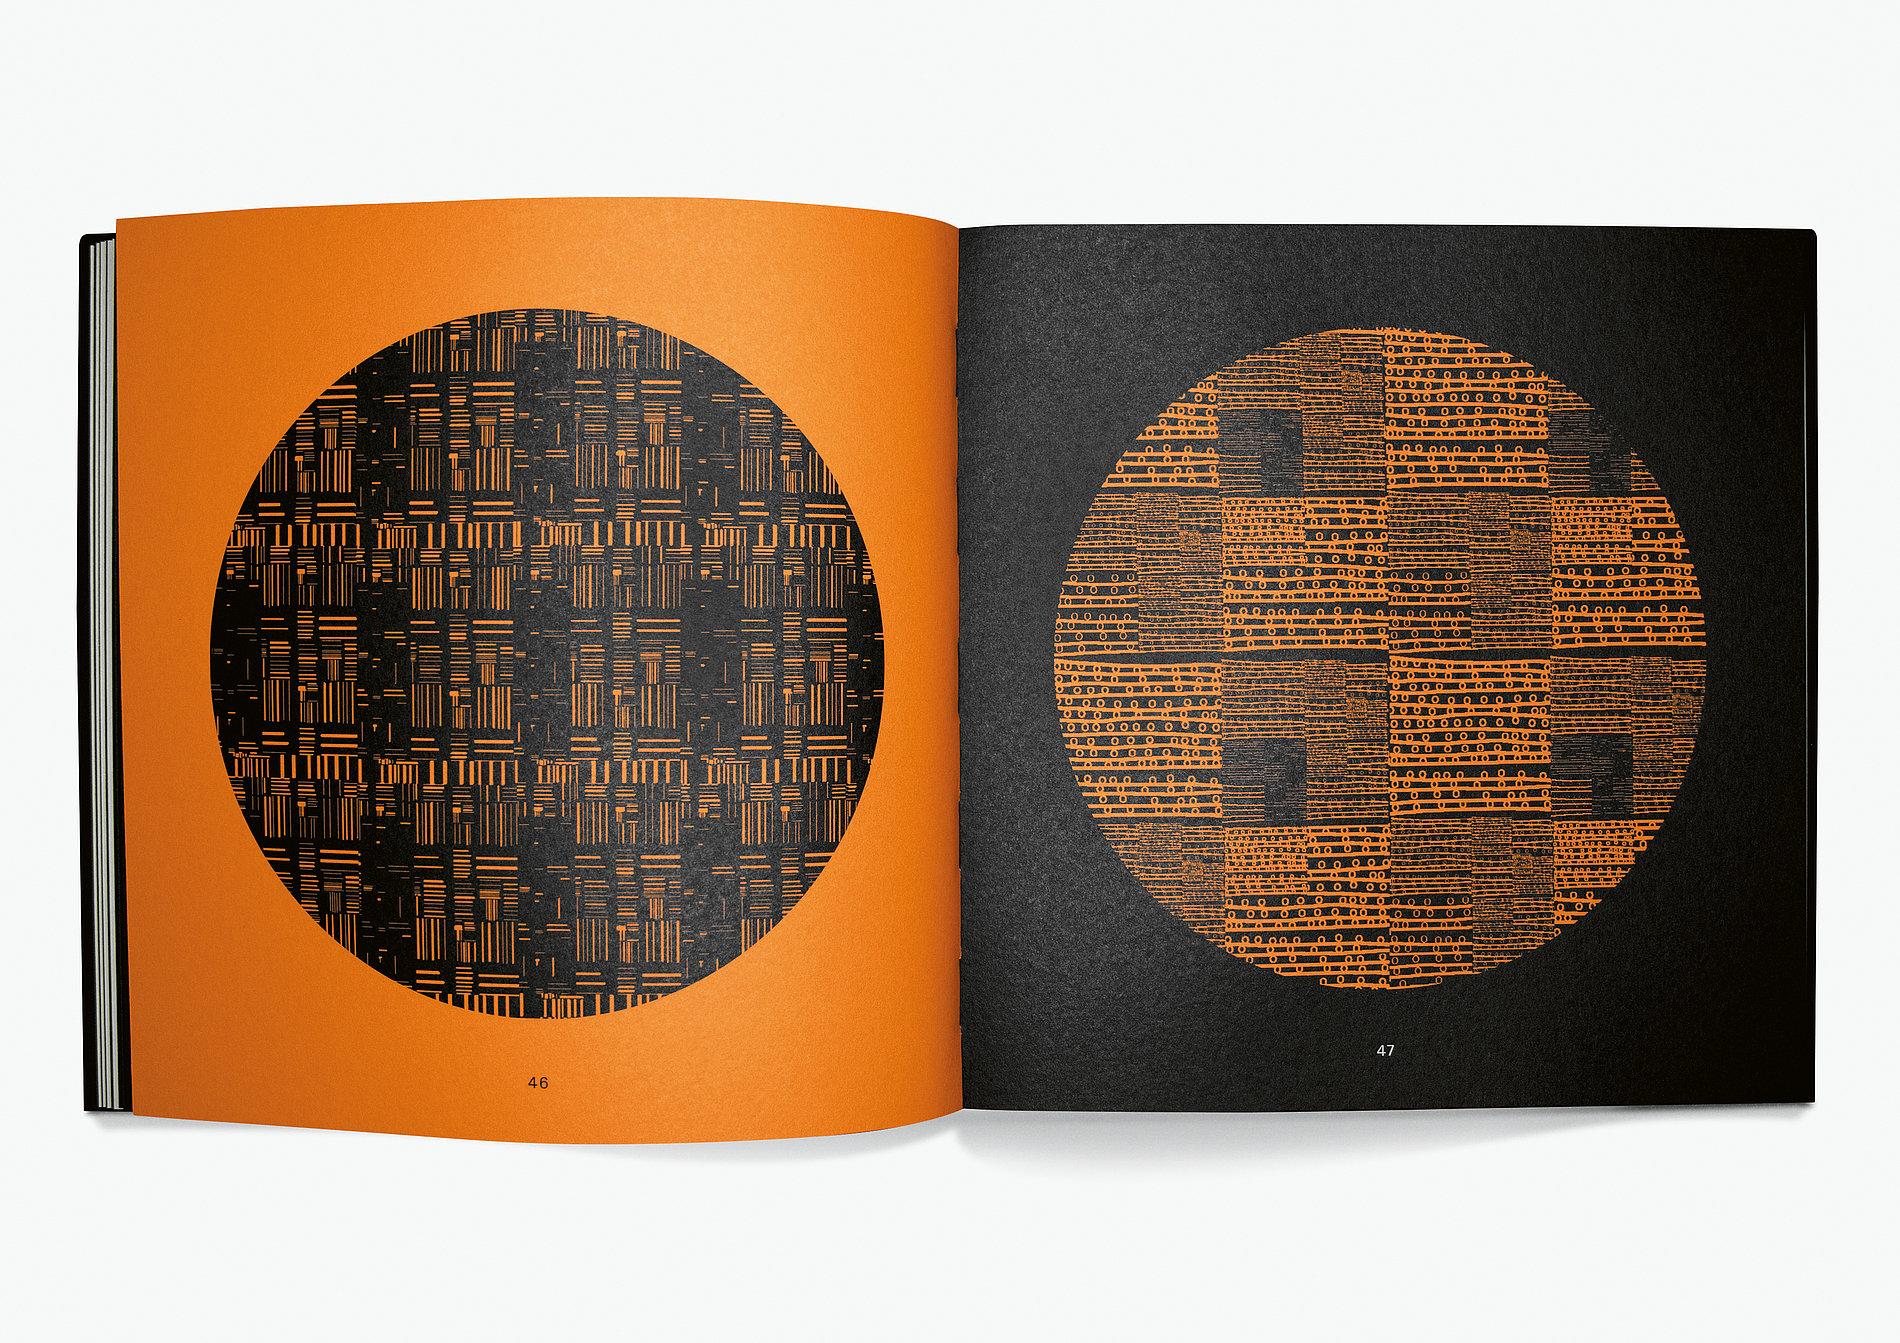 COSMOS | Red Dot Design Award